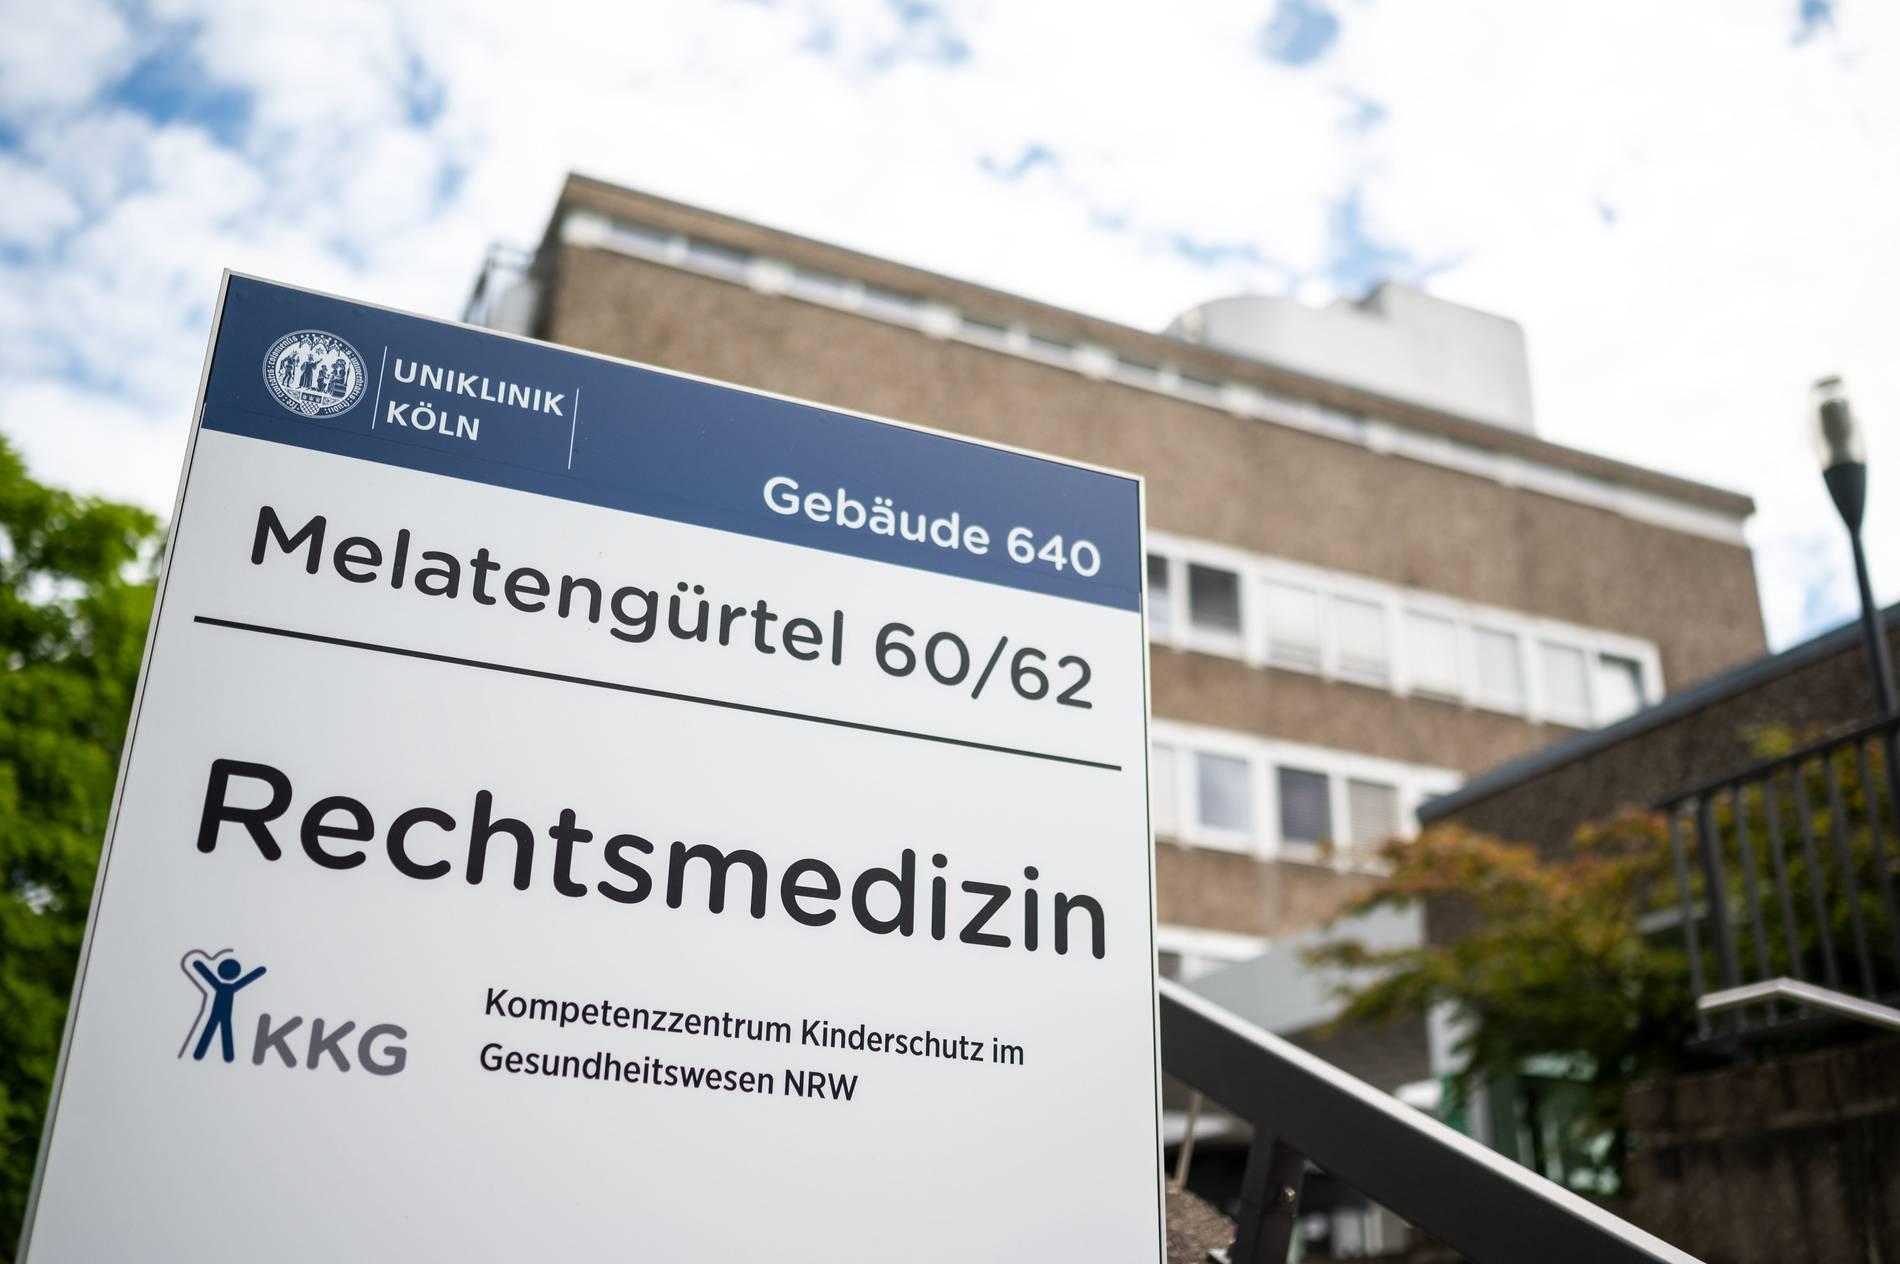 Institut Für Rechtsmedizin Köln